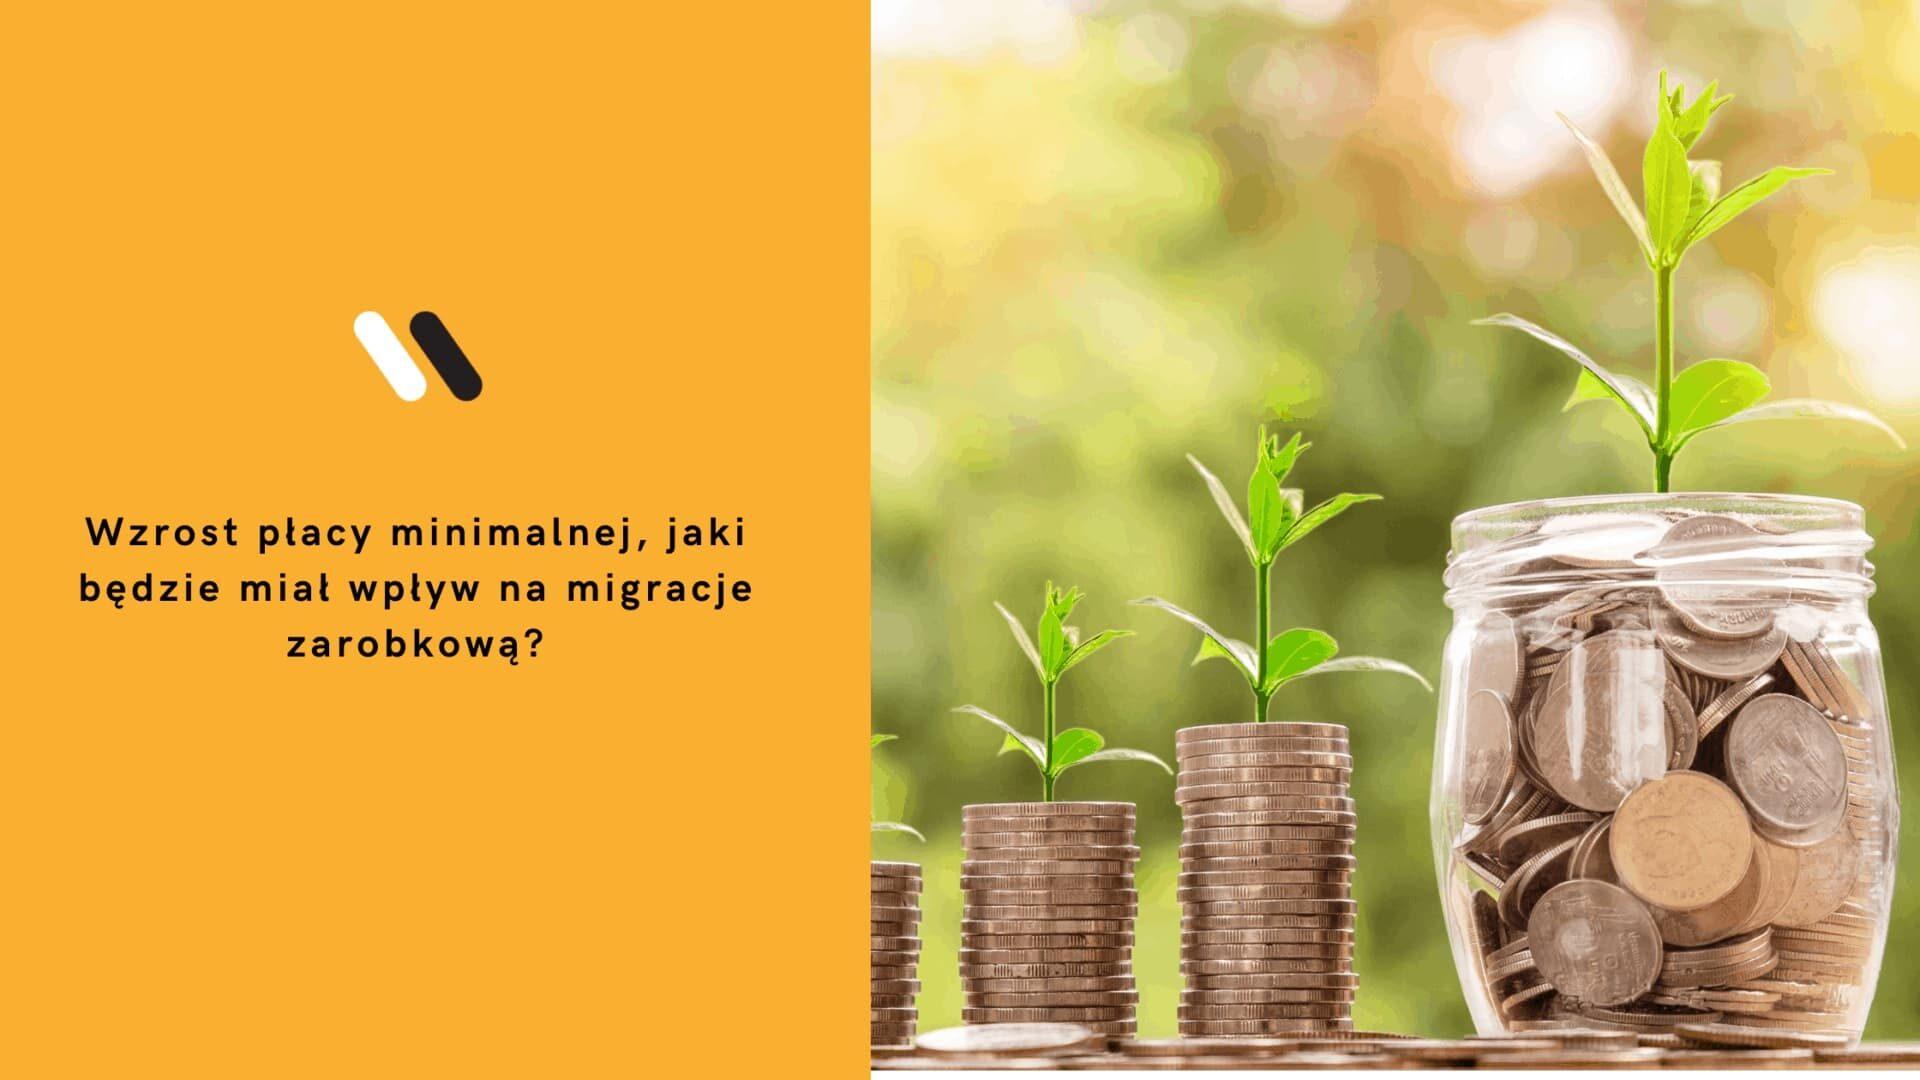 Wzrost płacy minimalnej jaki będzie miał wpływ na migracje zarobkową